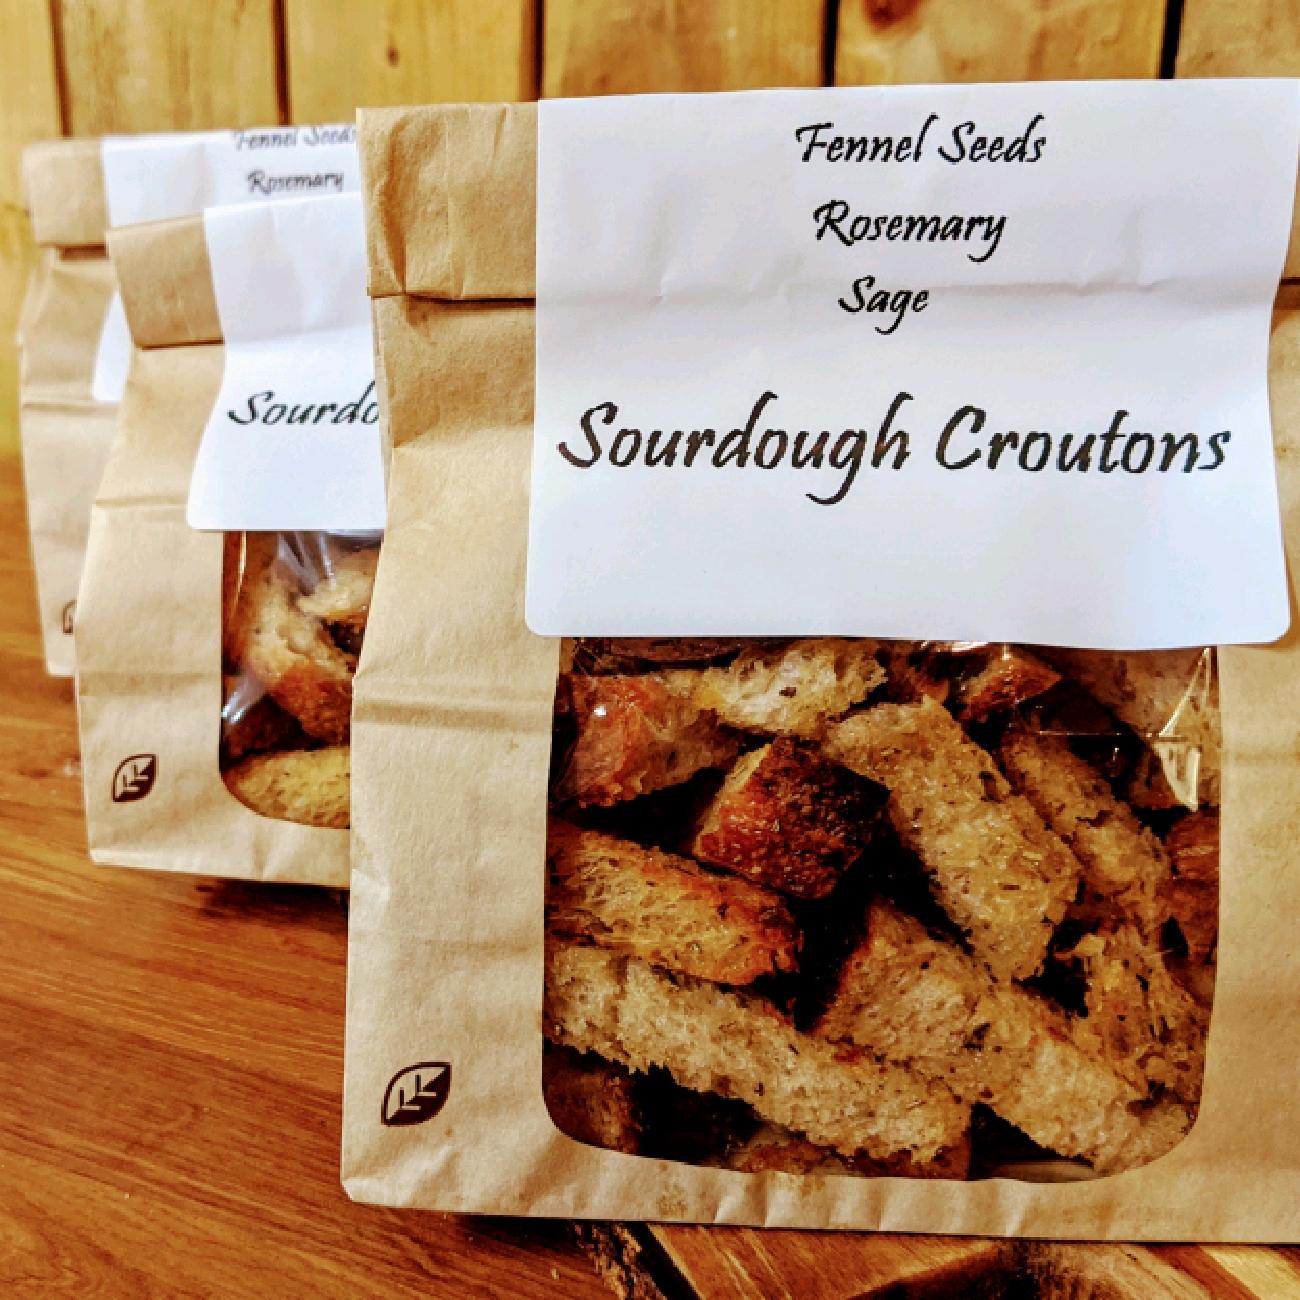 Sourdough Croutons